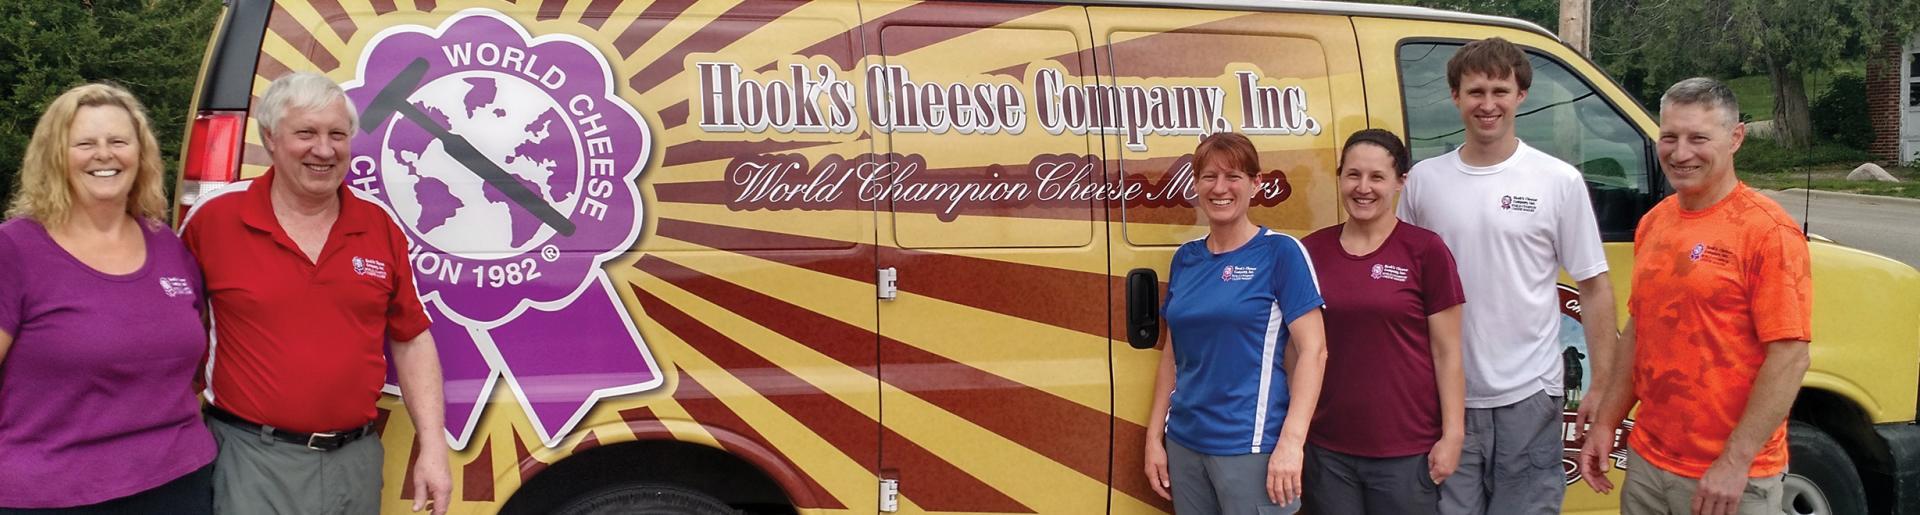 Tony Hook: Meet the Producer